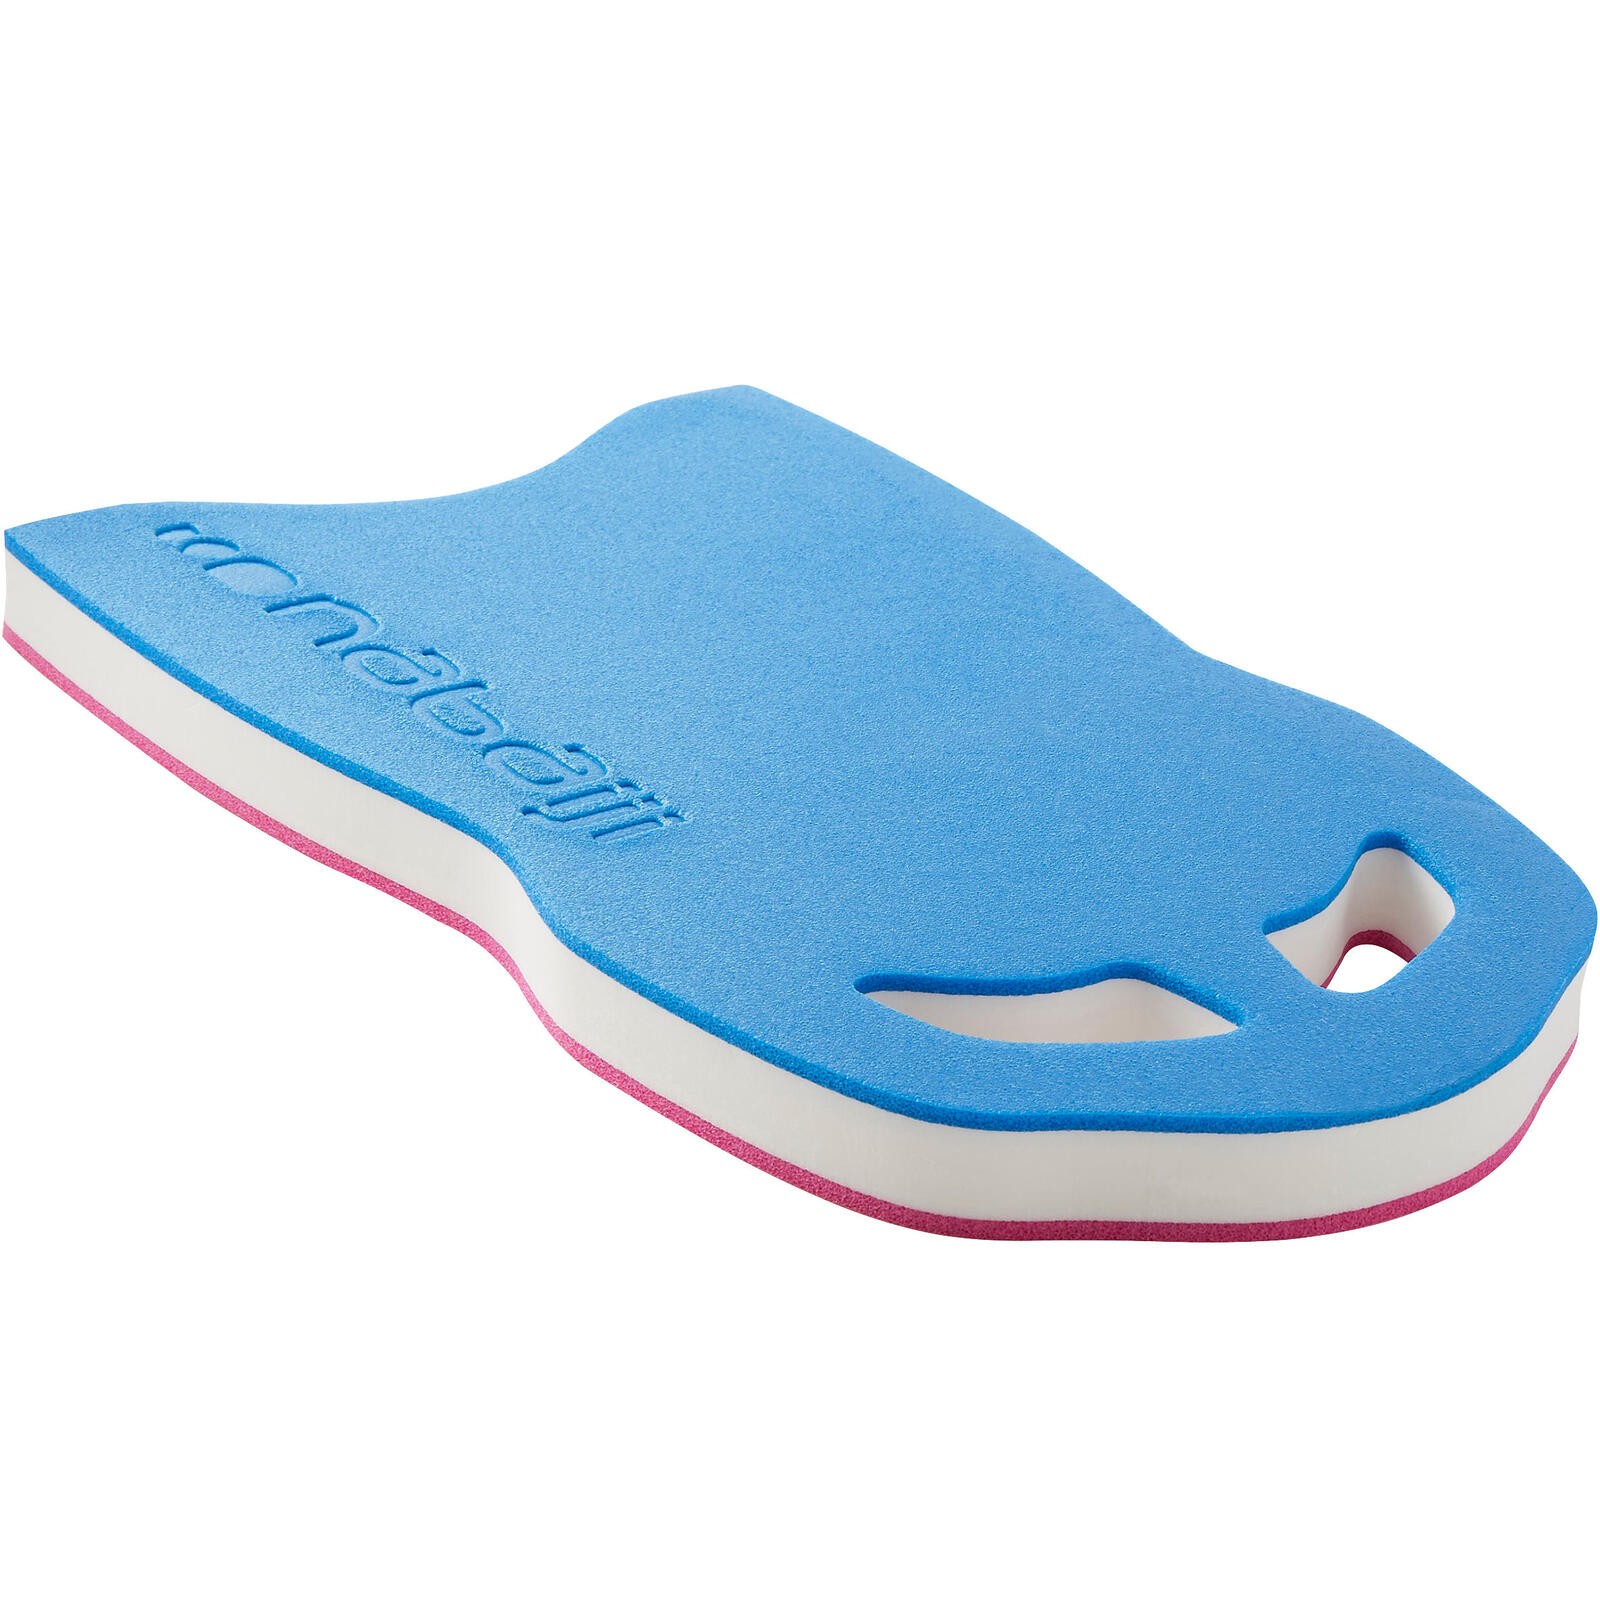 Swimming pool kickboard